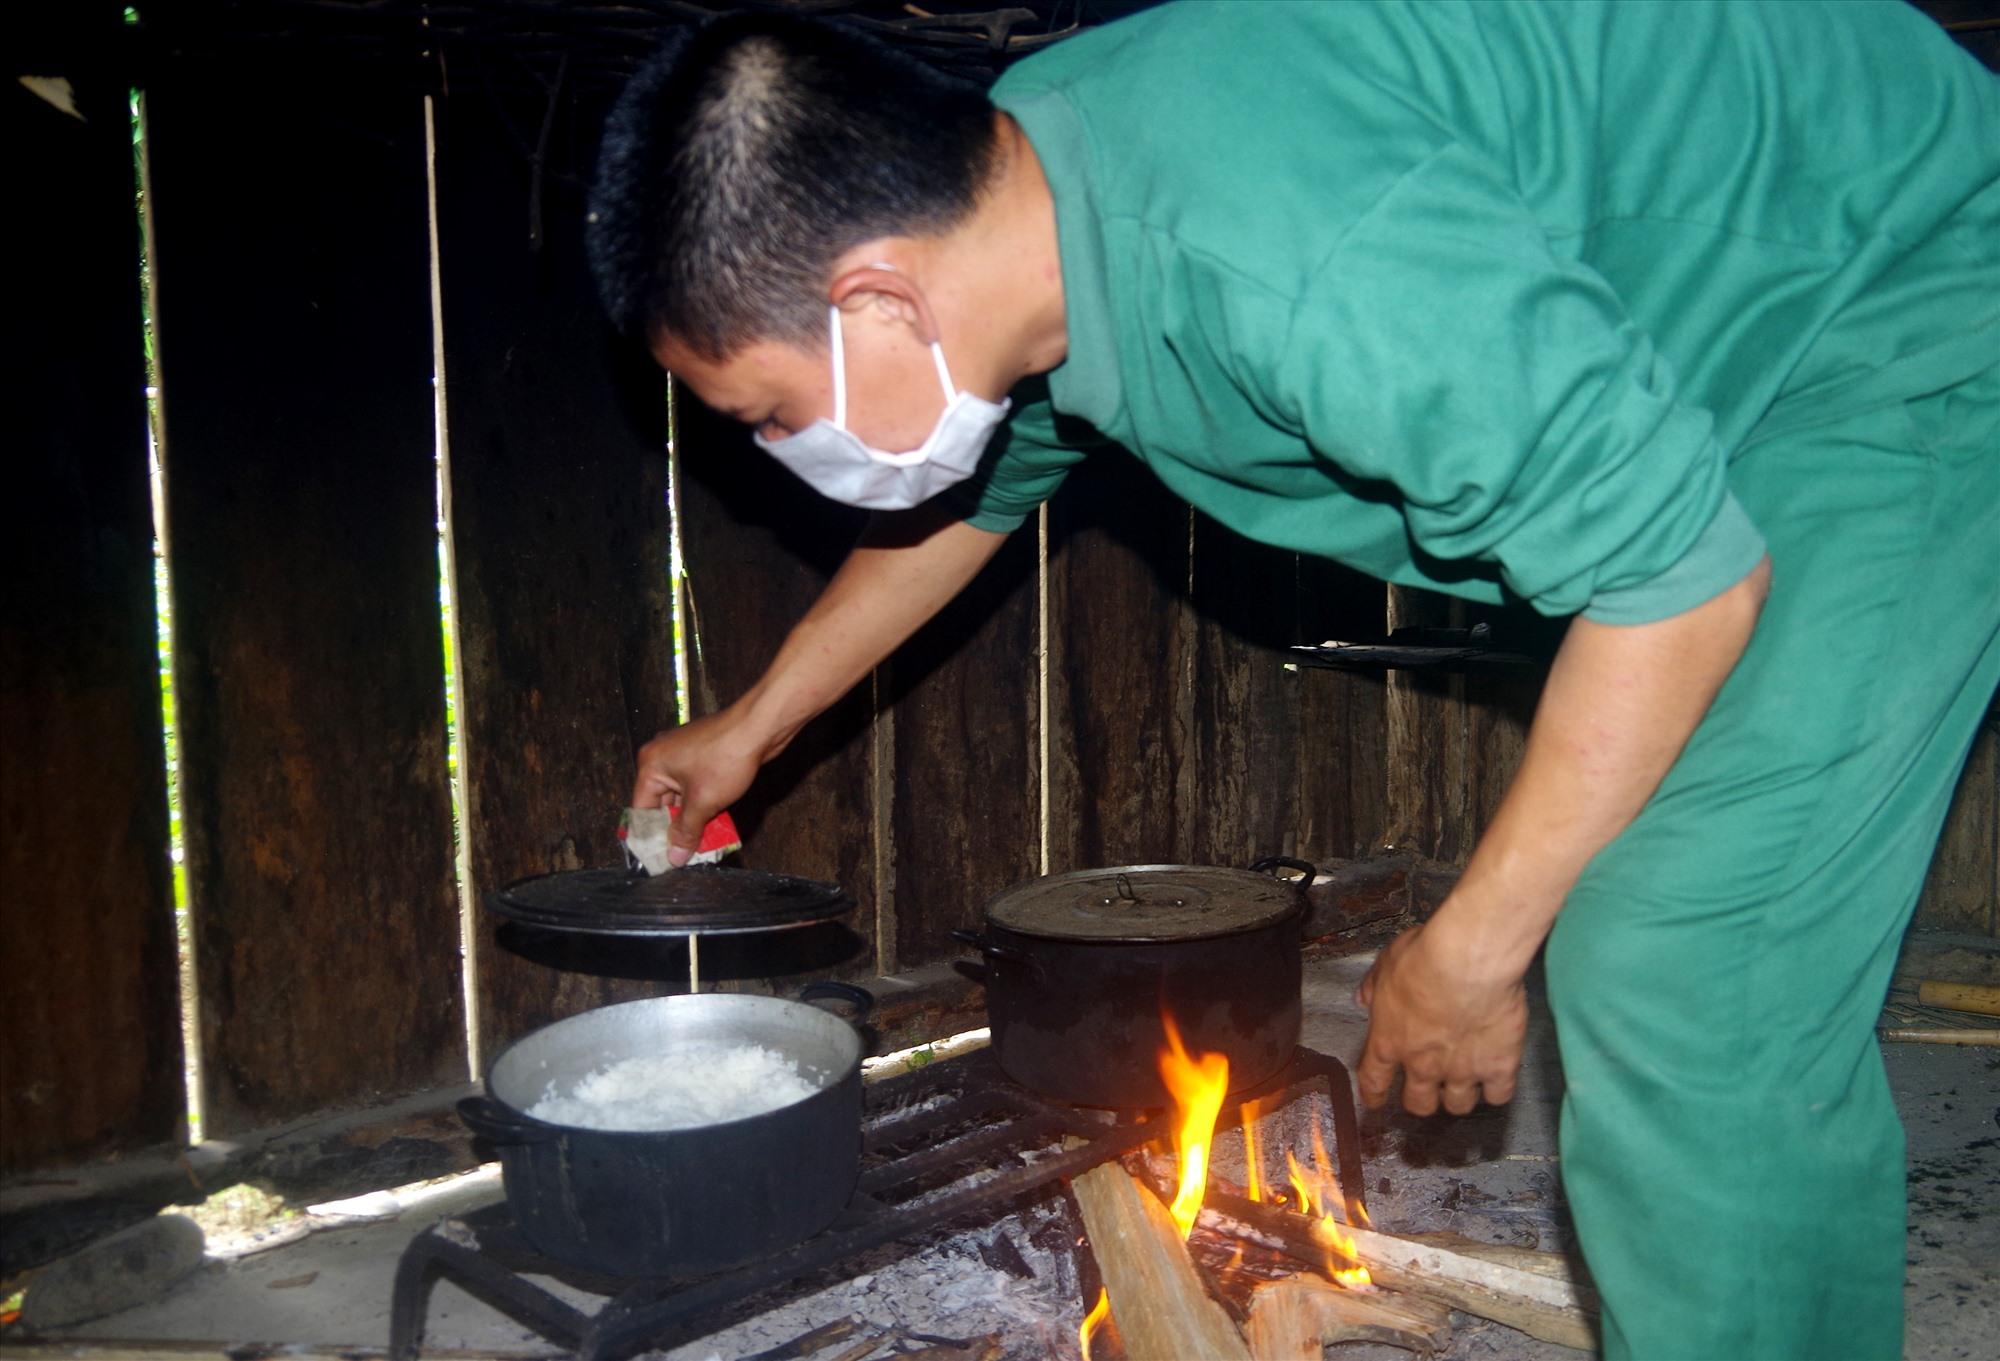 Sau các buổi làm nhiệm vụ tuần tra biên giới, các chiến sĩ lại tất bật cho công việc nấu ăn, phục vụ đời sống. Ảnh: T.N